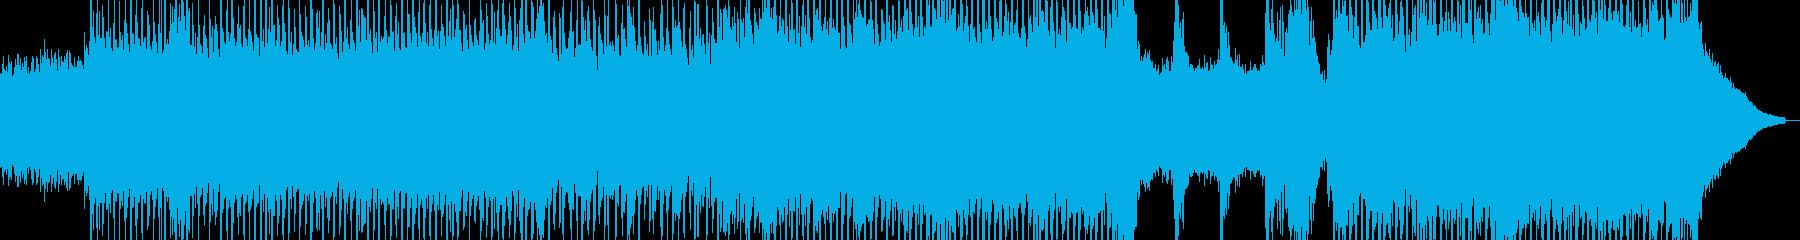 広大な大地を駆ける喜び・テクノ 短尺の再生済みの波形